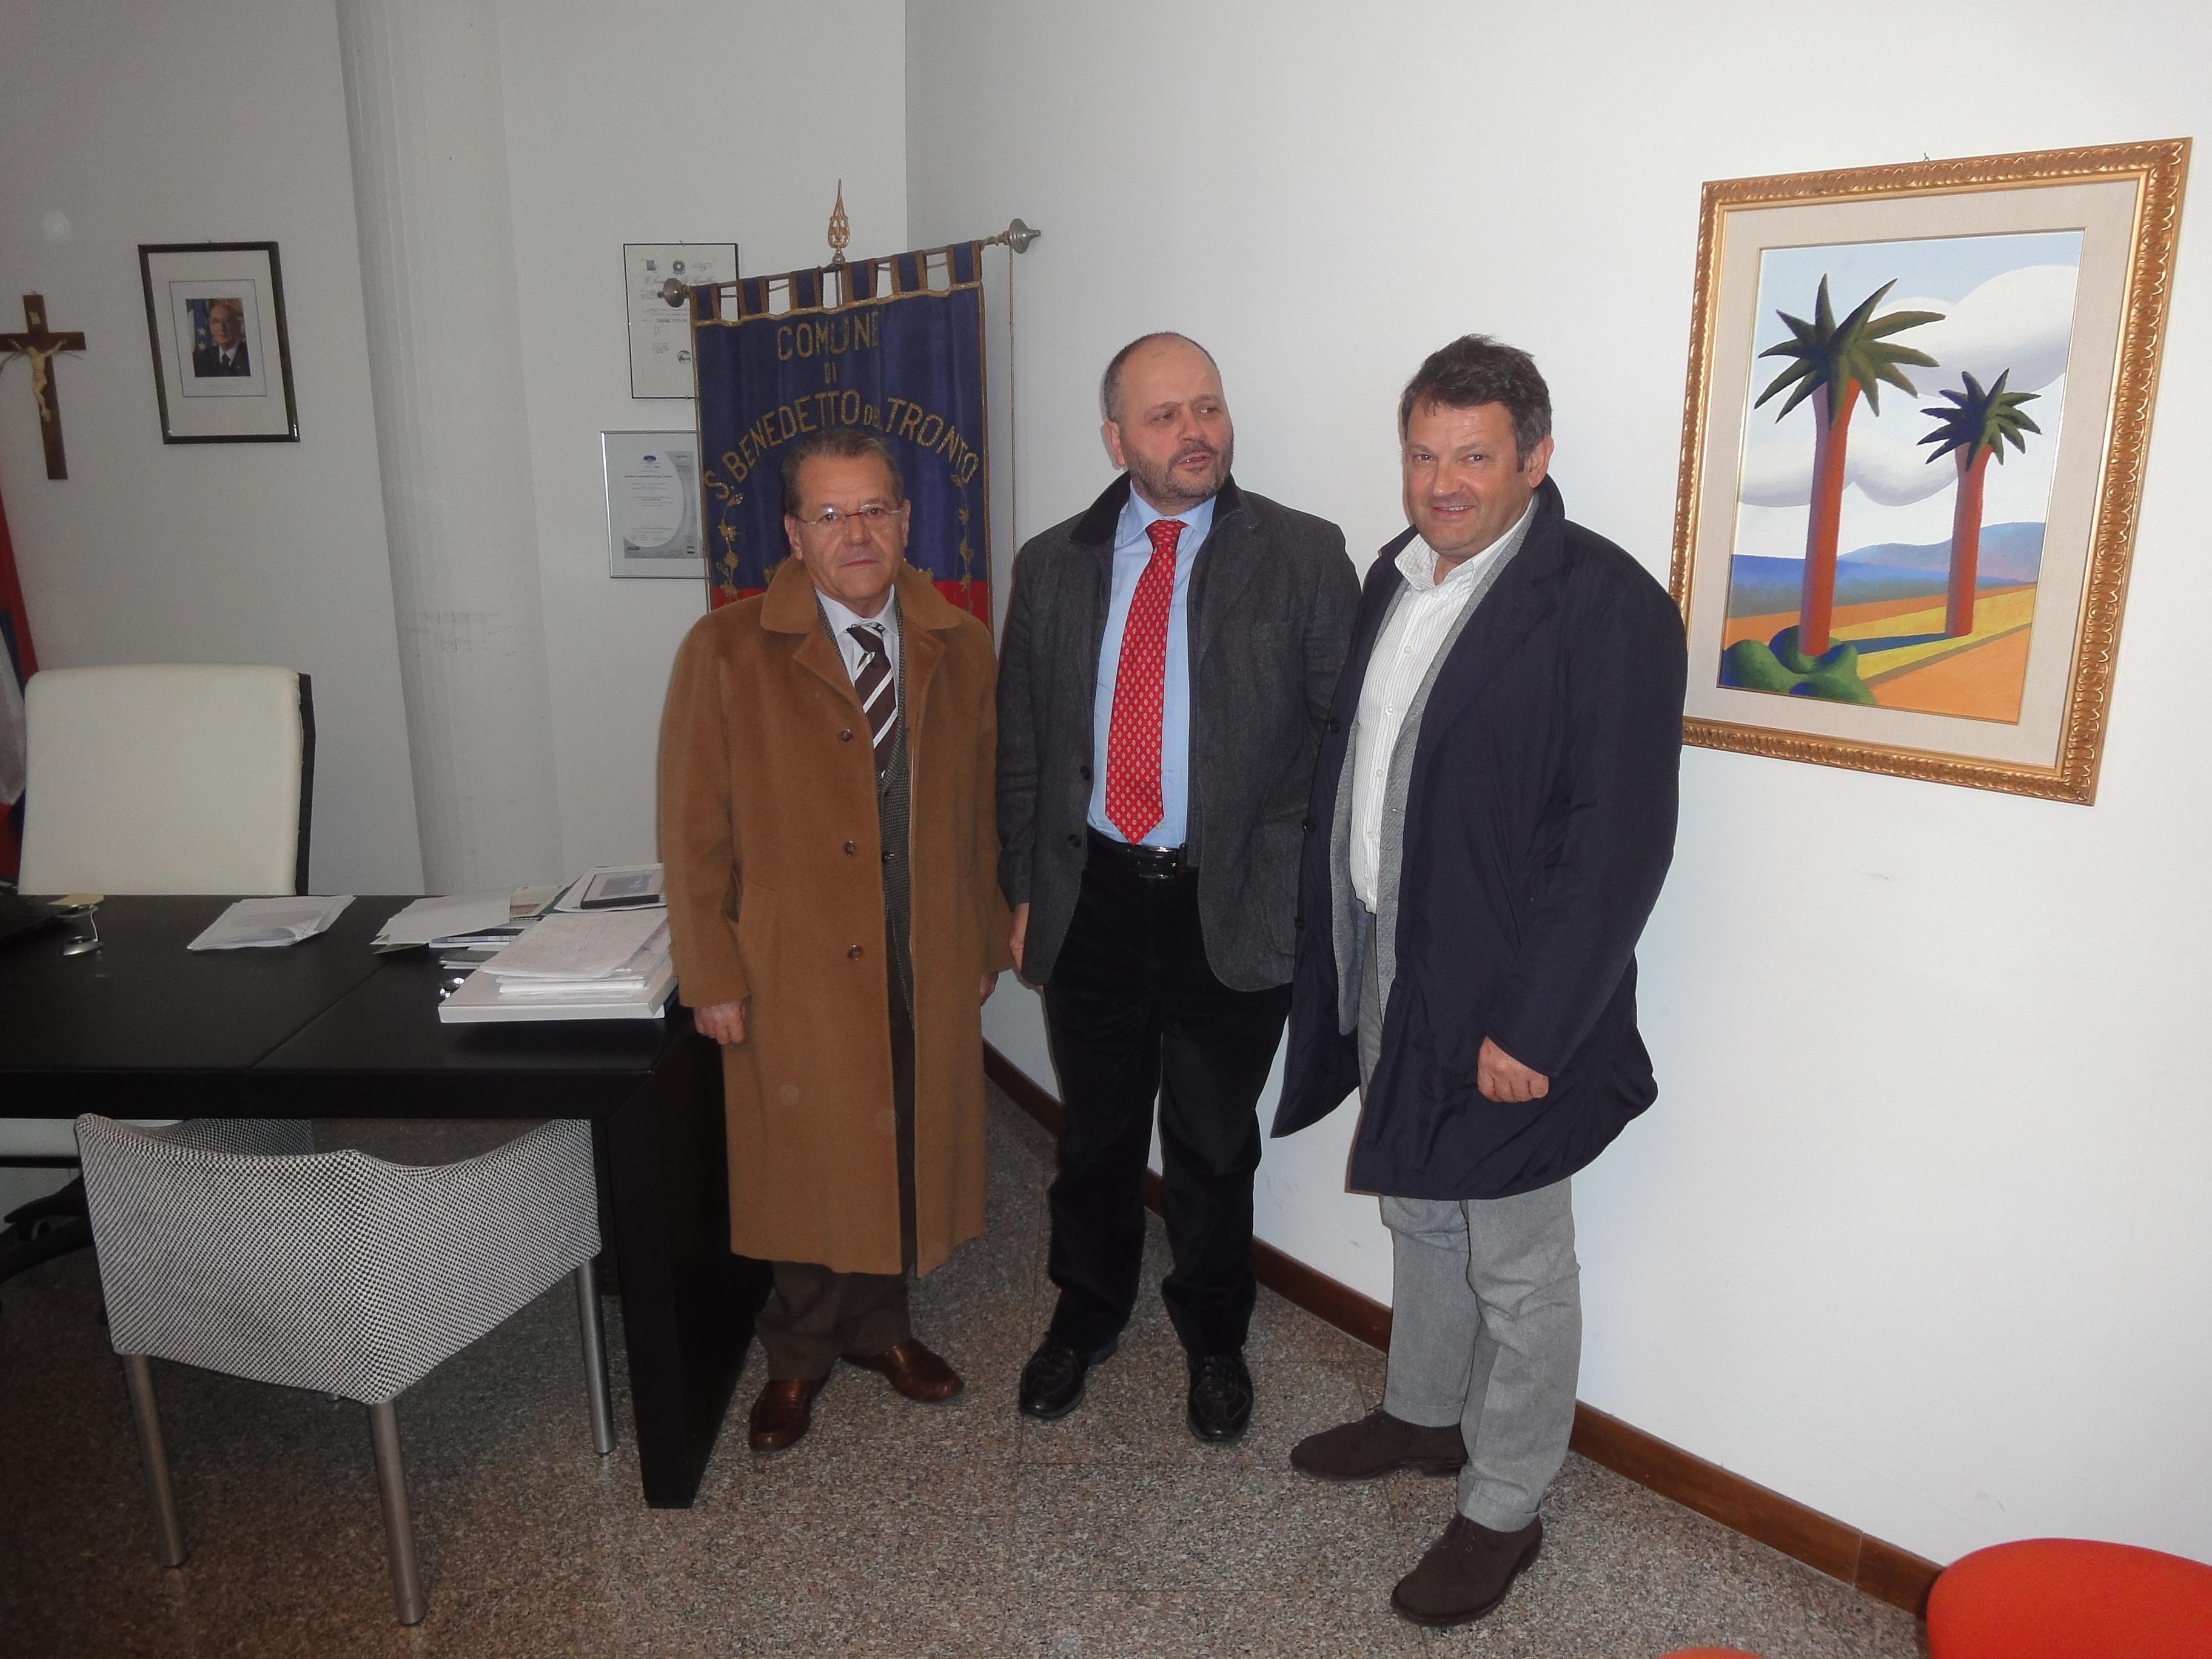 Il Sindaco Giovanni Gaspari, il presidente Ance Francesco Gaspari e il vice presidente Paolo Ulissi